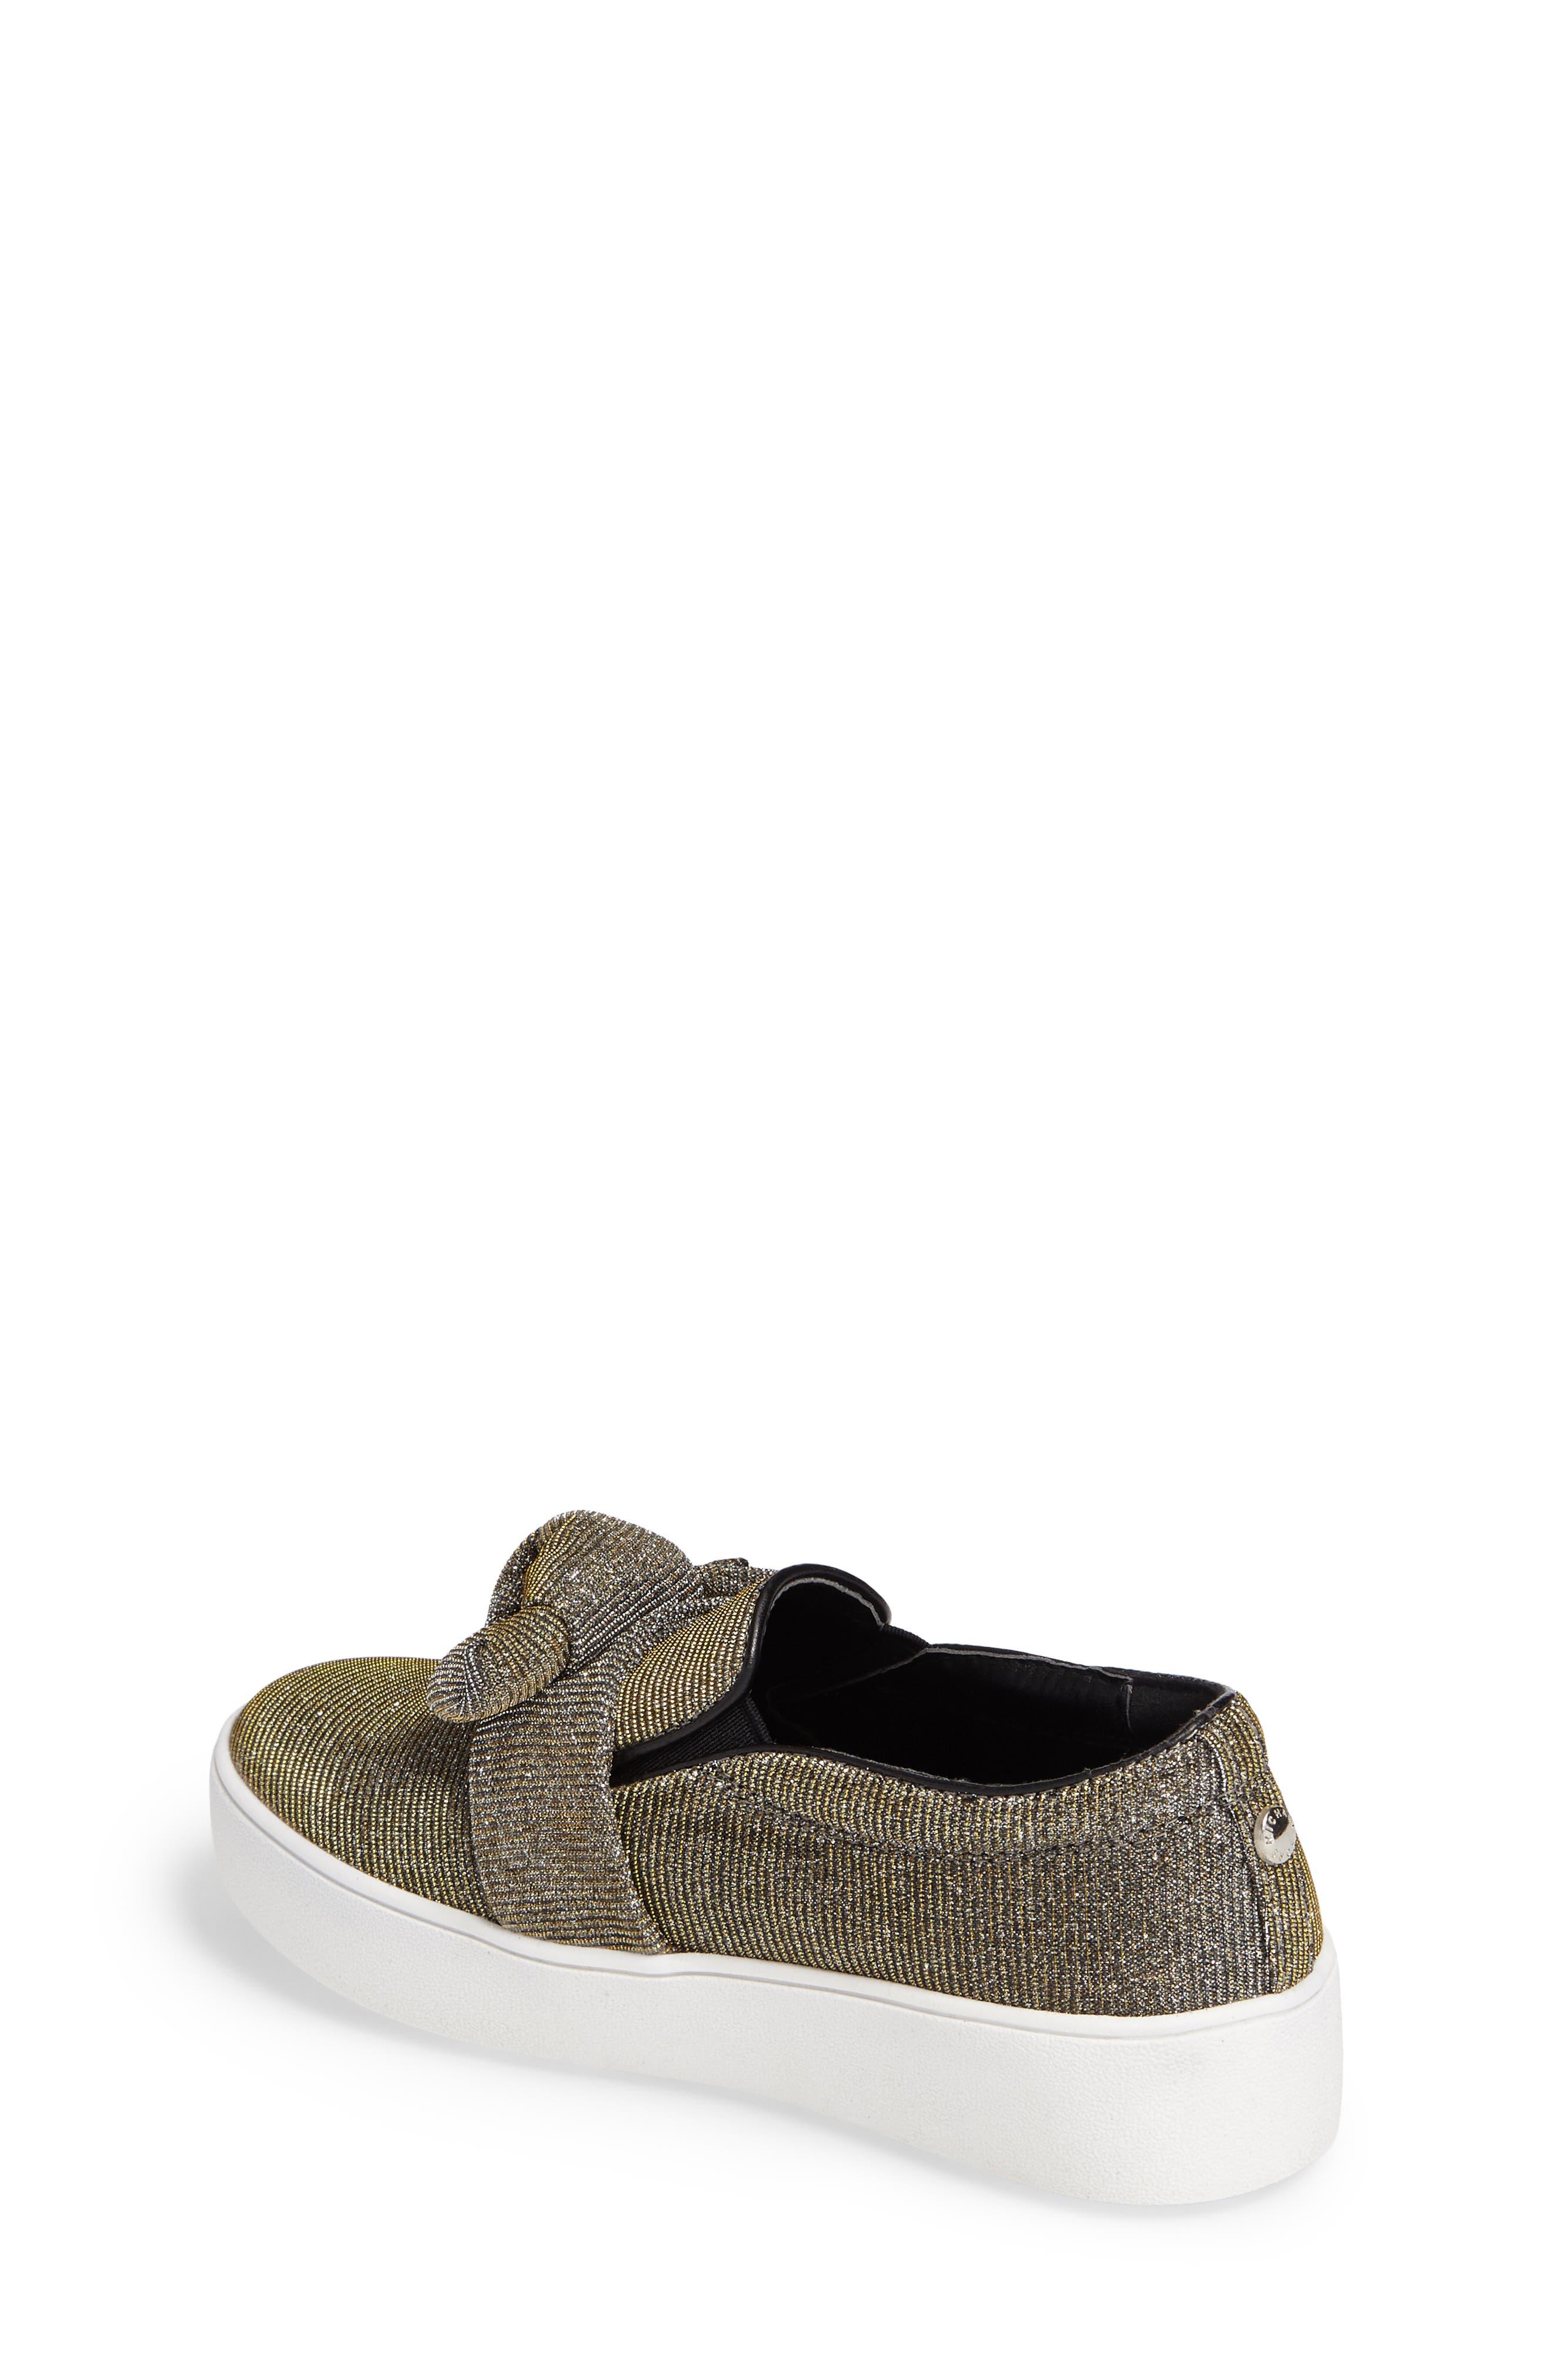 Maven Poppy Knotted Slip-On Sneaker,                             Alternate thumbnail 6, color,